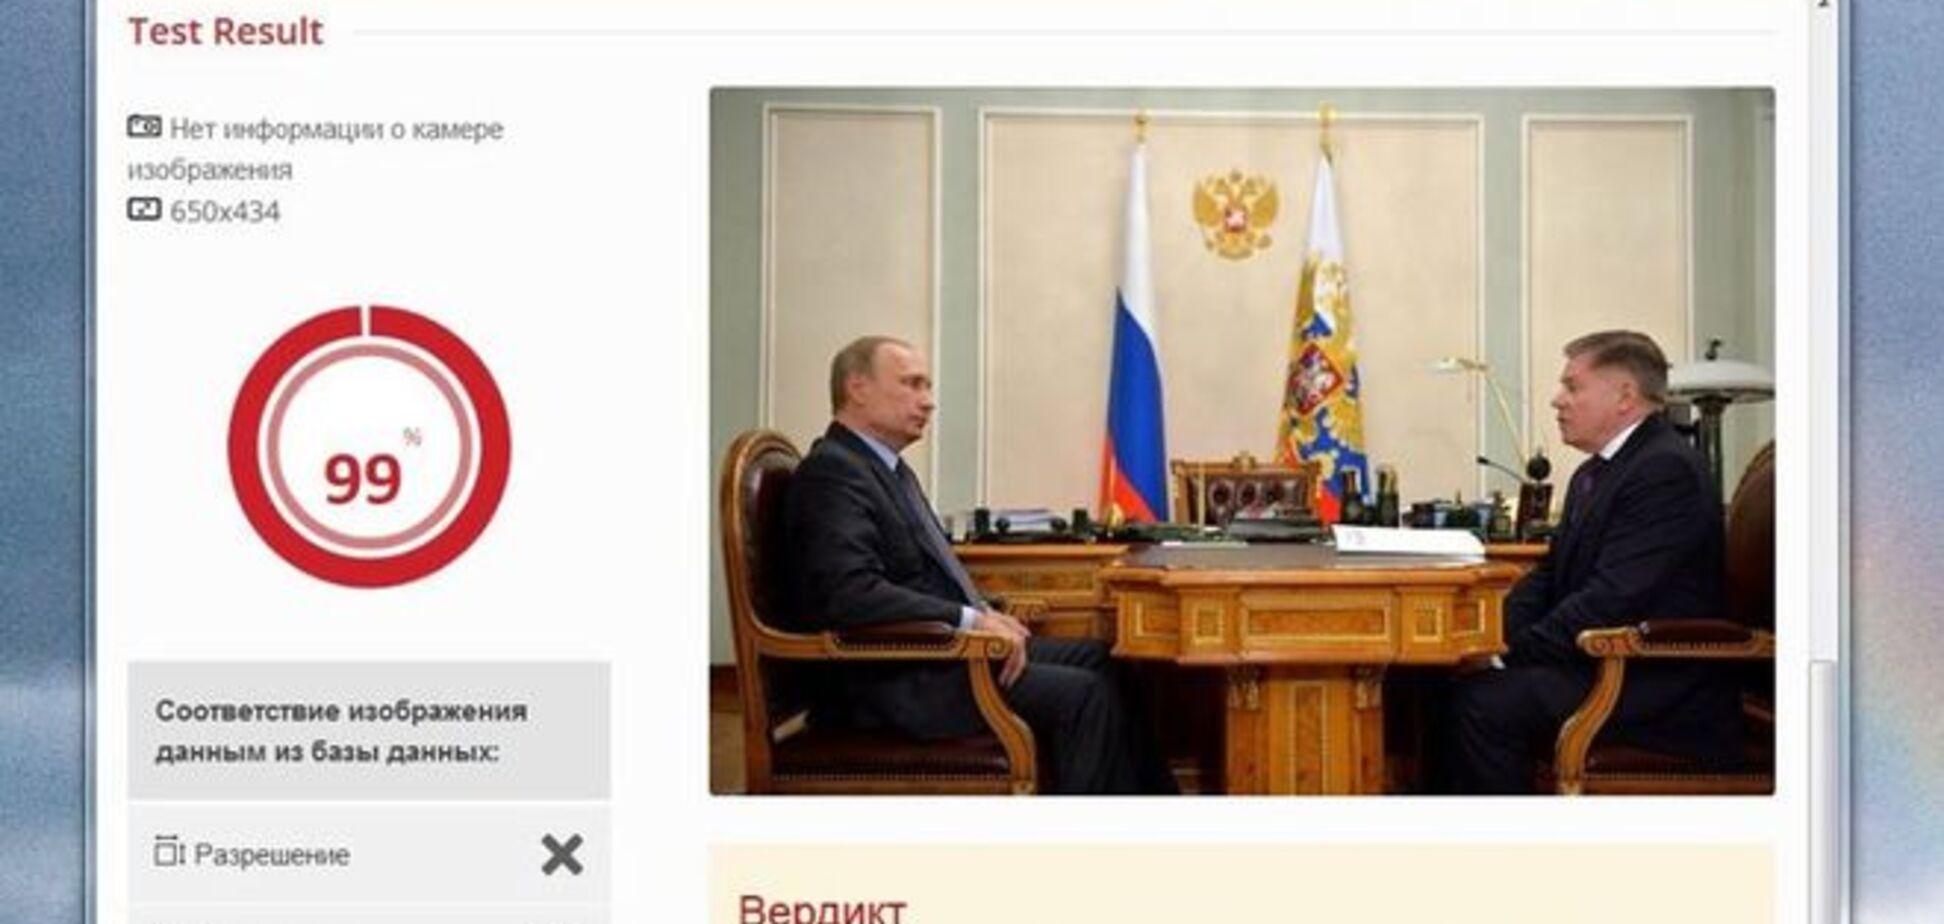 В соцсетях утверждают, что снимок Путина и Лебедева с часами датируются 2011 годом: фотофакт